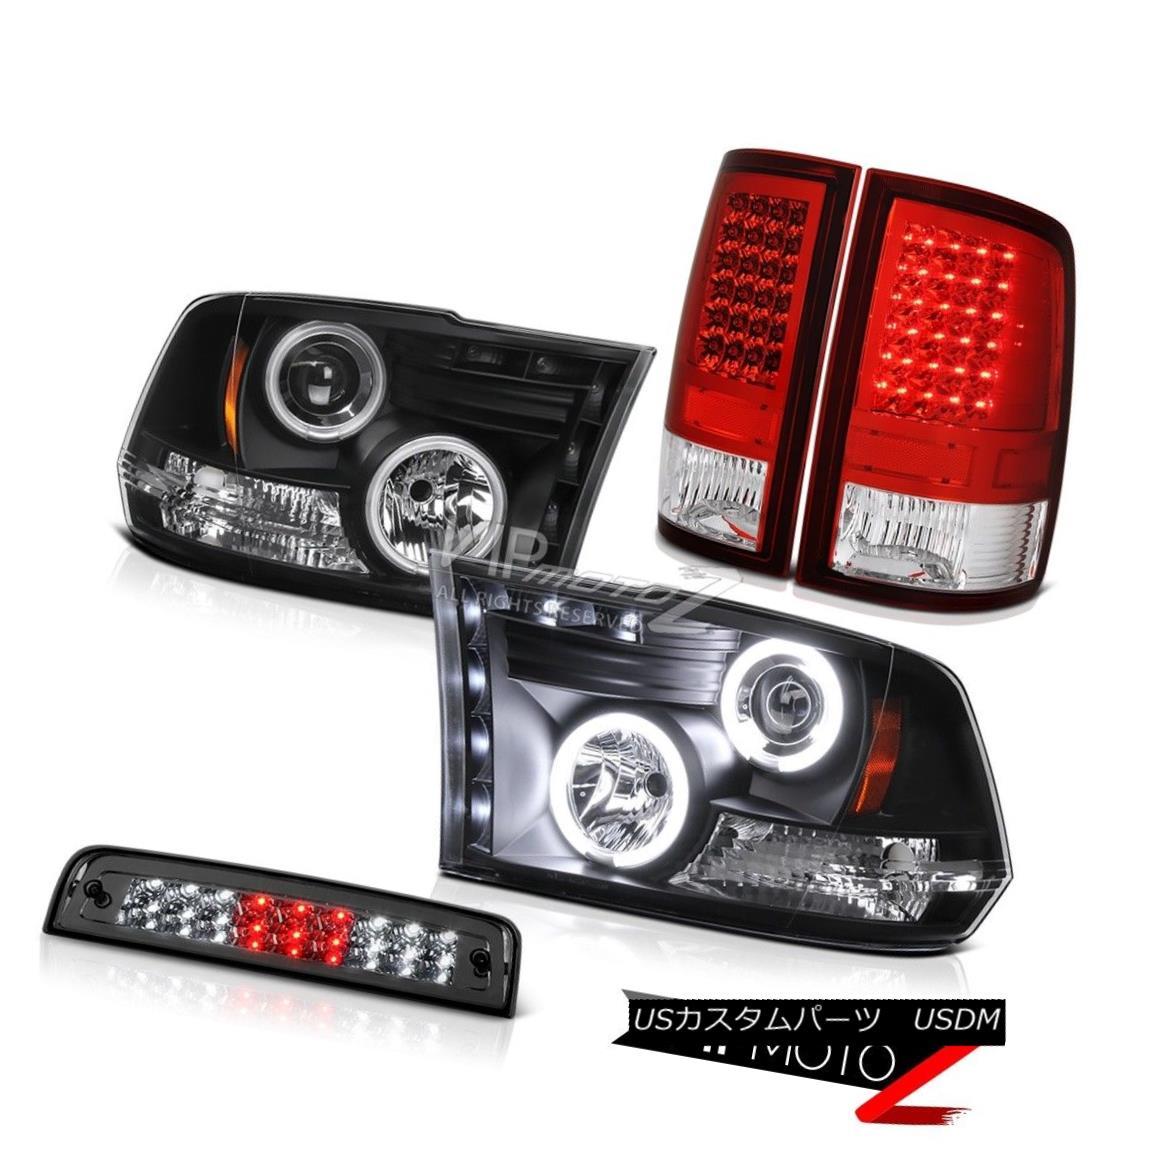 ヘッドライト 2010-2015 Dodge Ram 2500 Laramie 3RD Brake Light Red Rear Lamps Black Headlights 2010-2015 Dodge Ram 2500 Laramie 3RDブレーキライトレッド・リア・ランプブラック・ヘッドライト